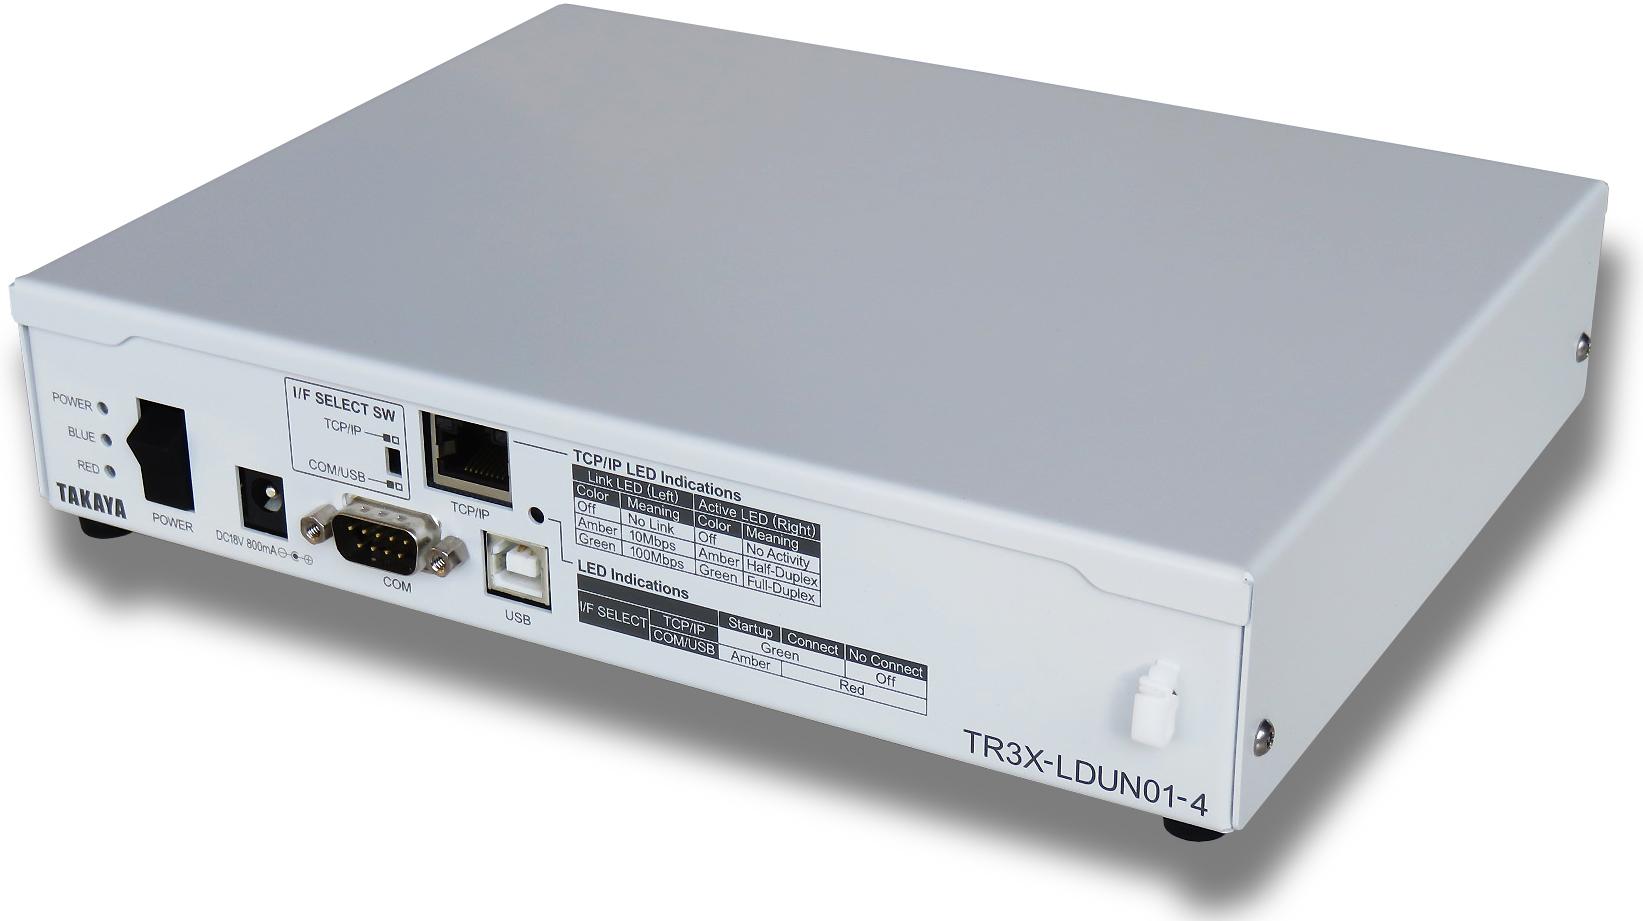 TR3X-LDUN01-4